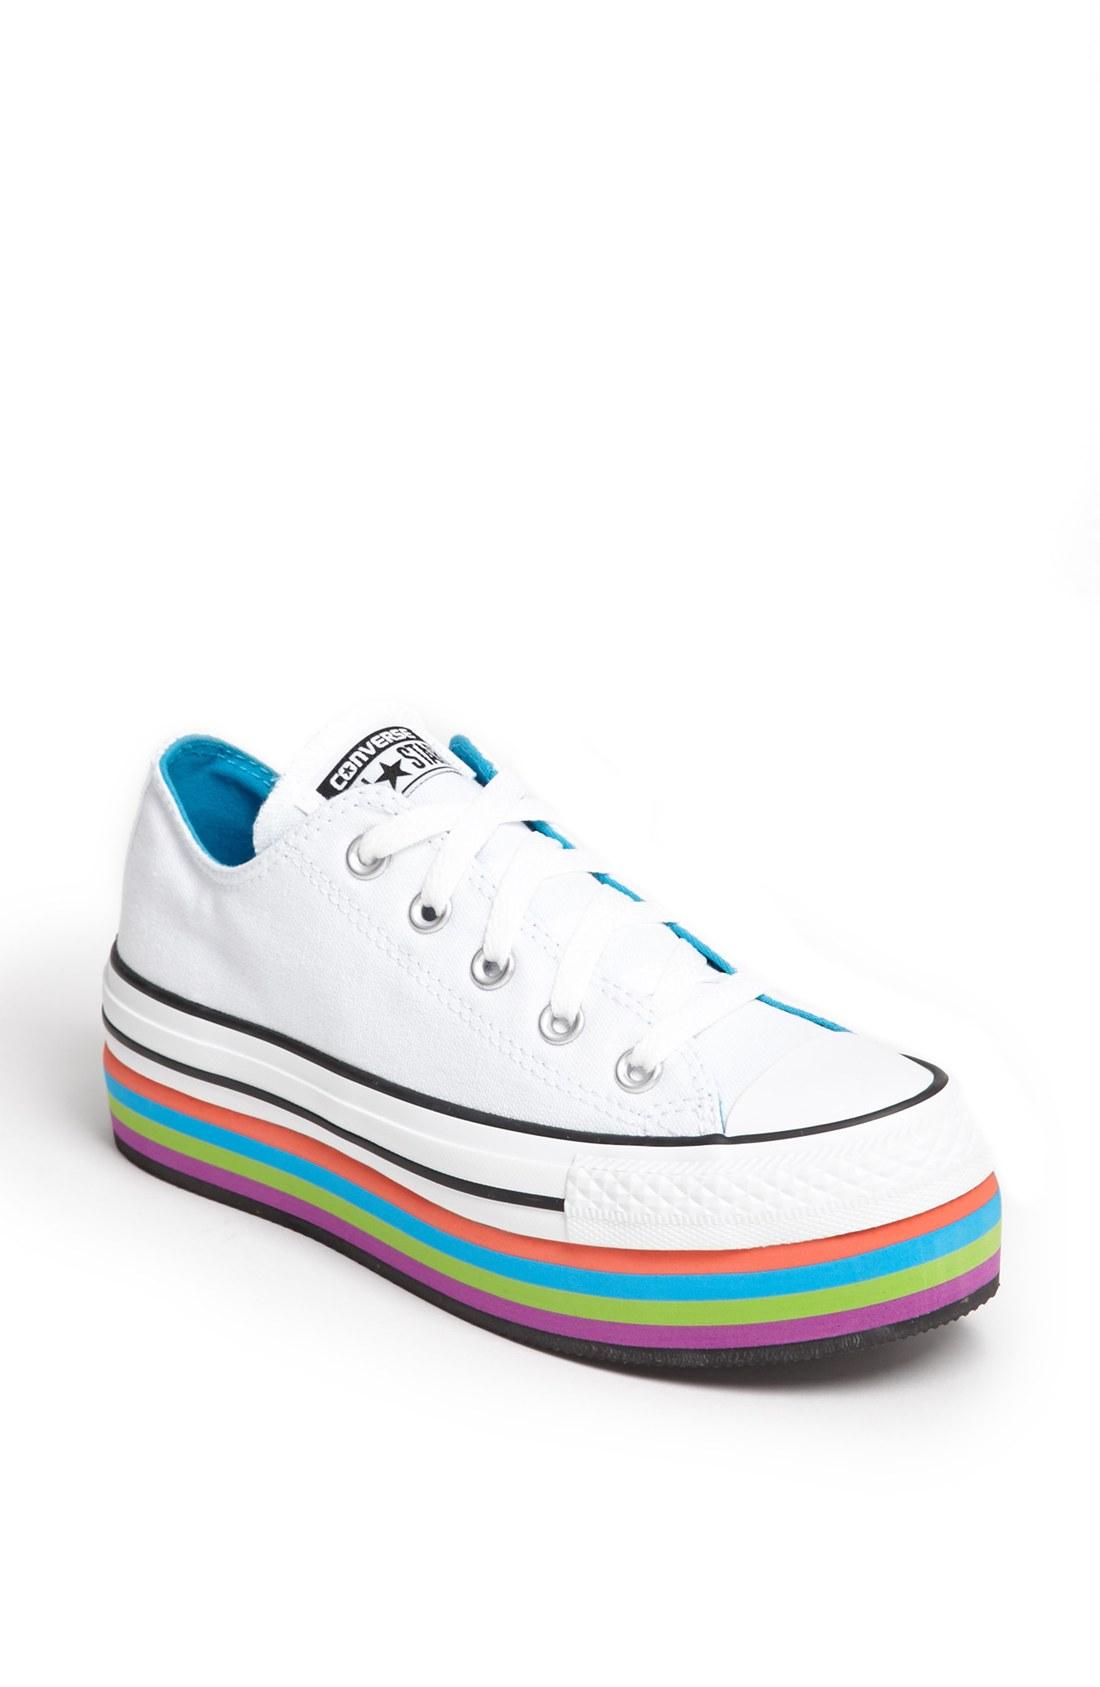 Heather Morris Running Shoes By Nike Vs Sandra Bullock Crosstrainers Yadelauren